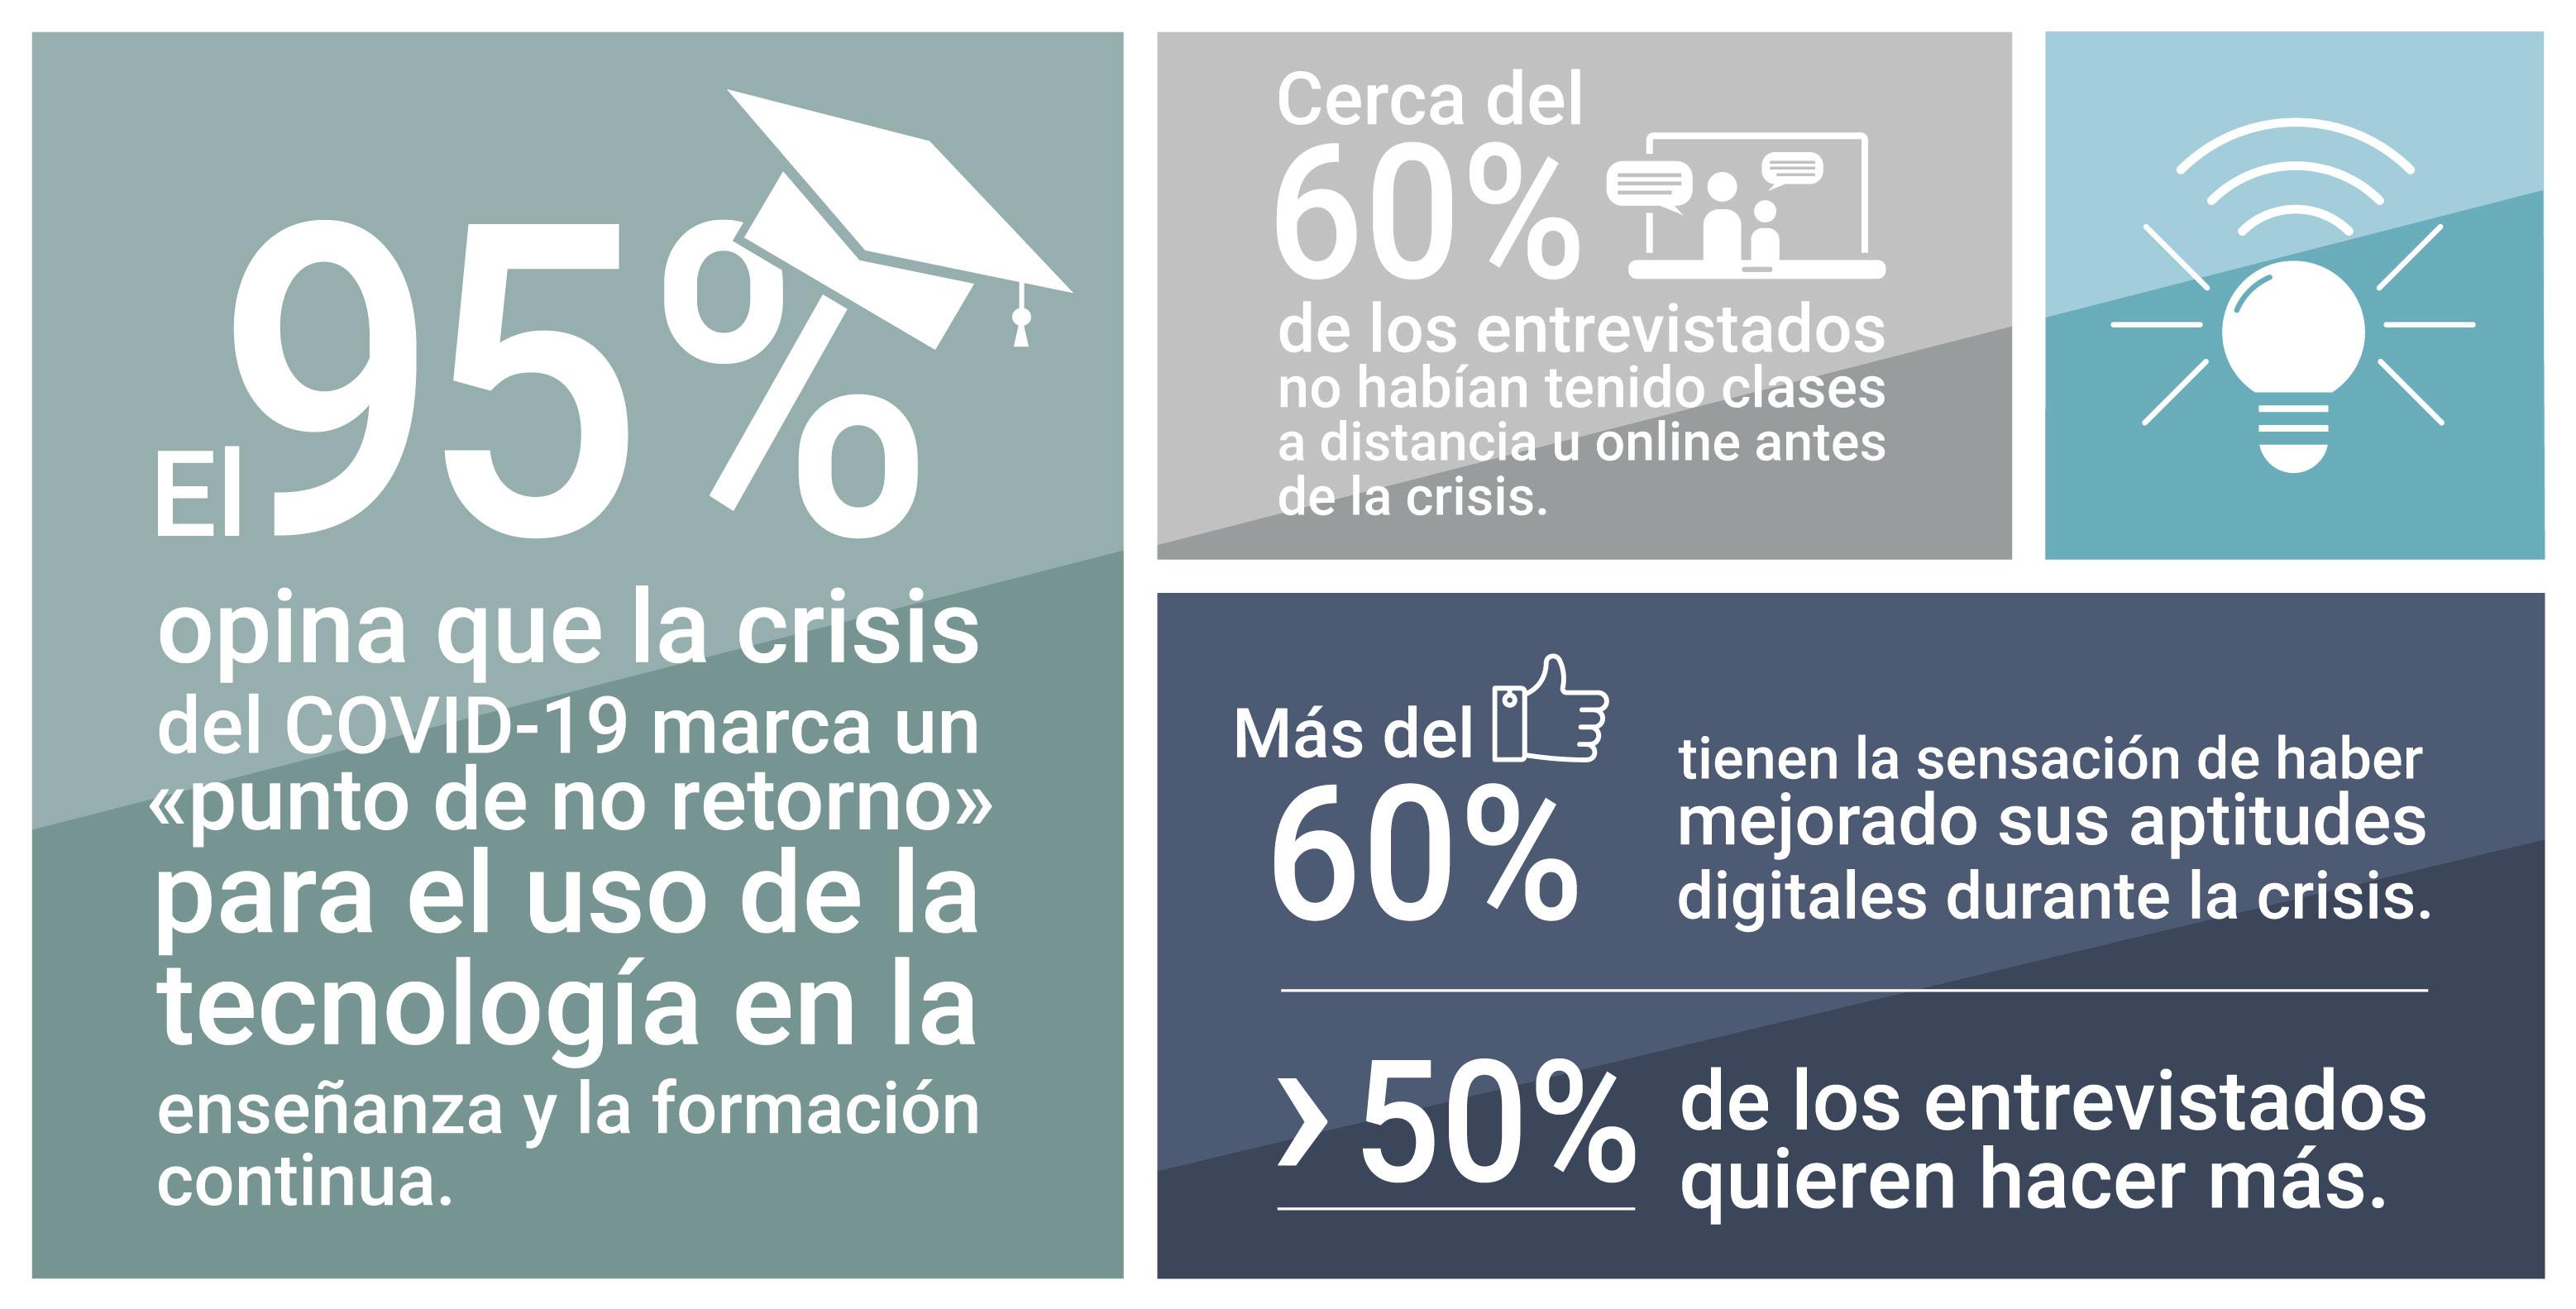 Estadística sobre la enseñanza digital